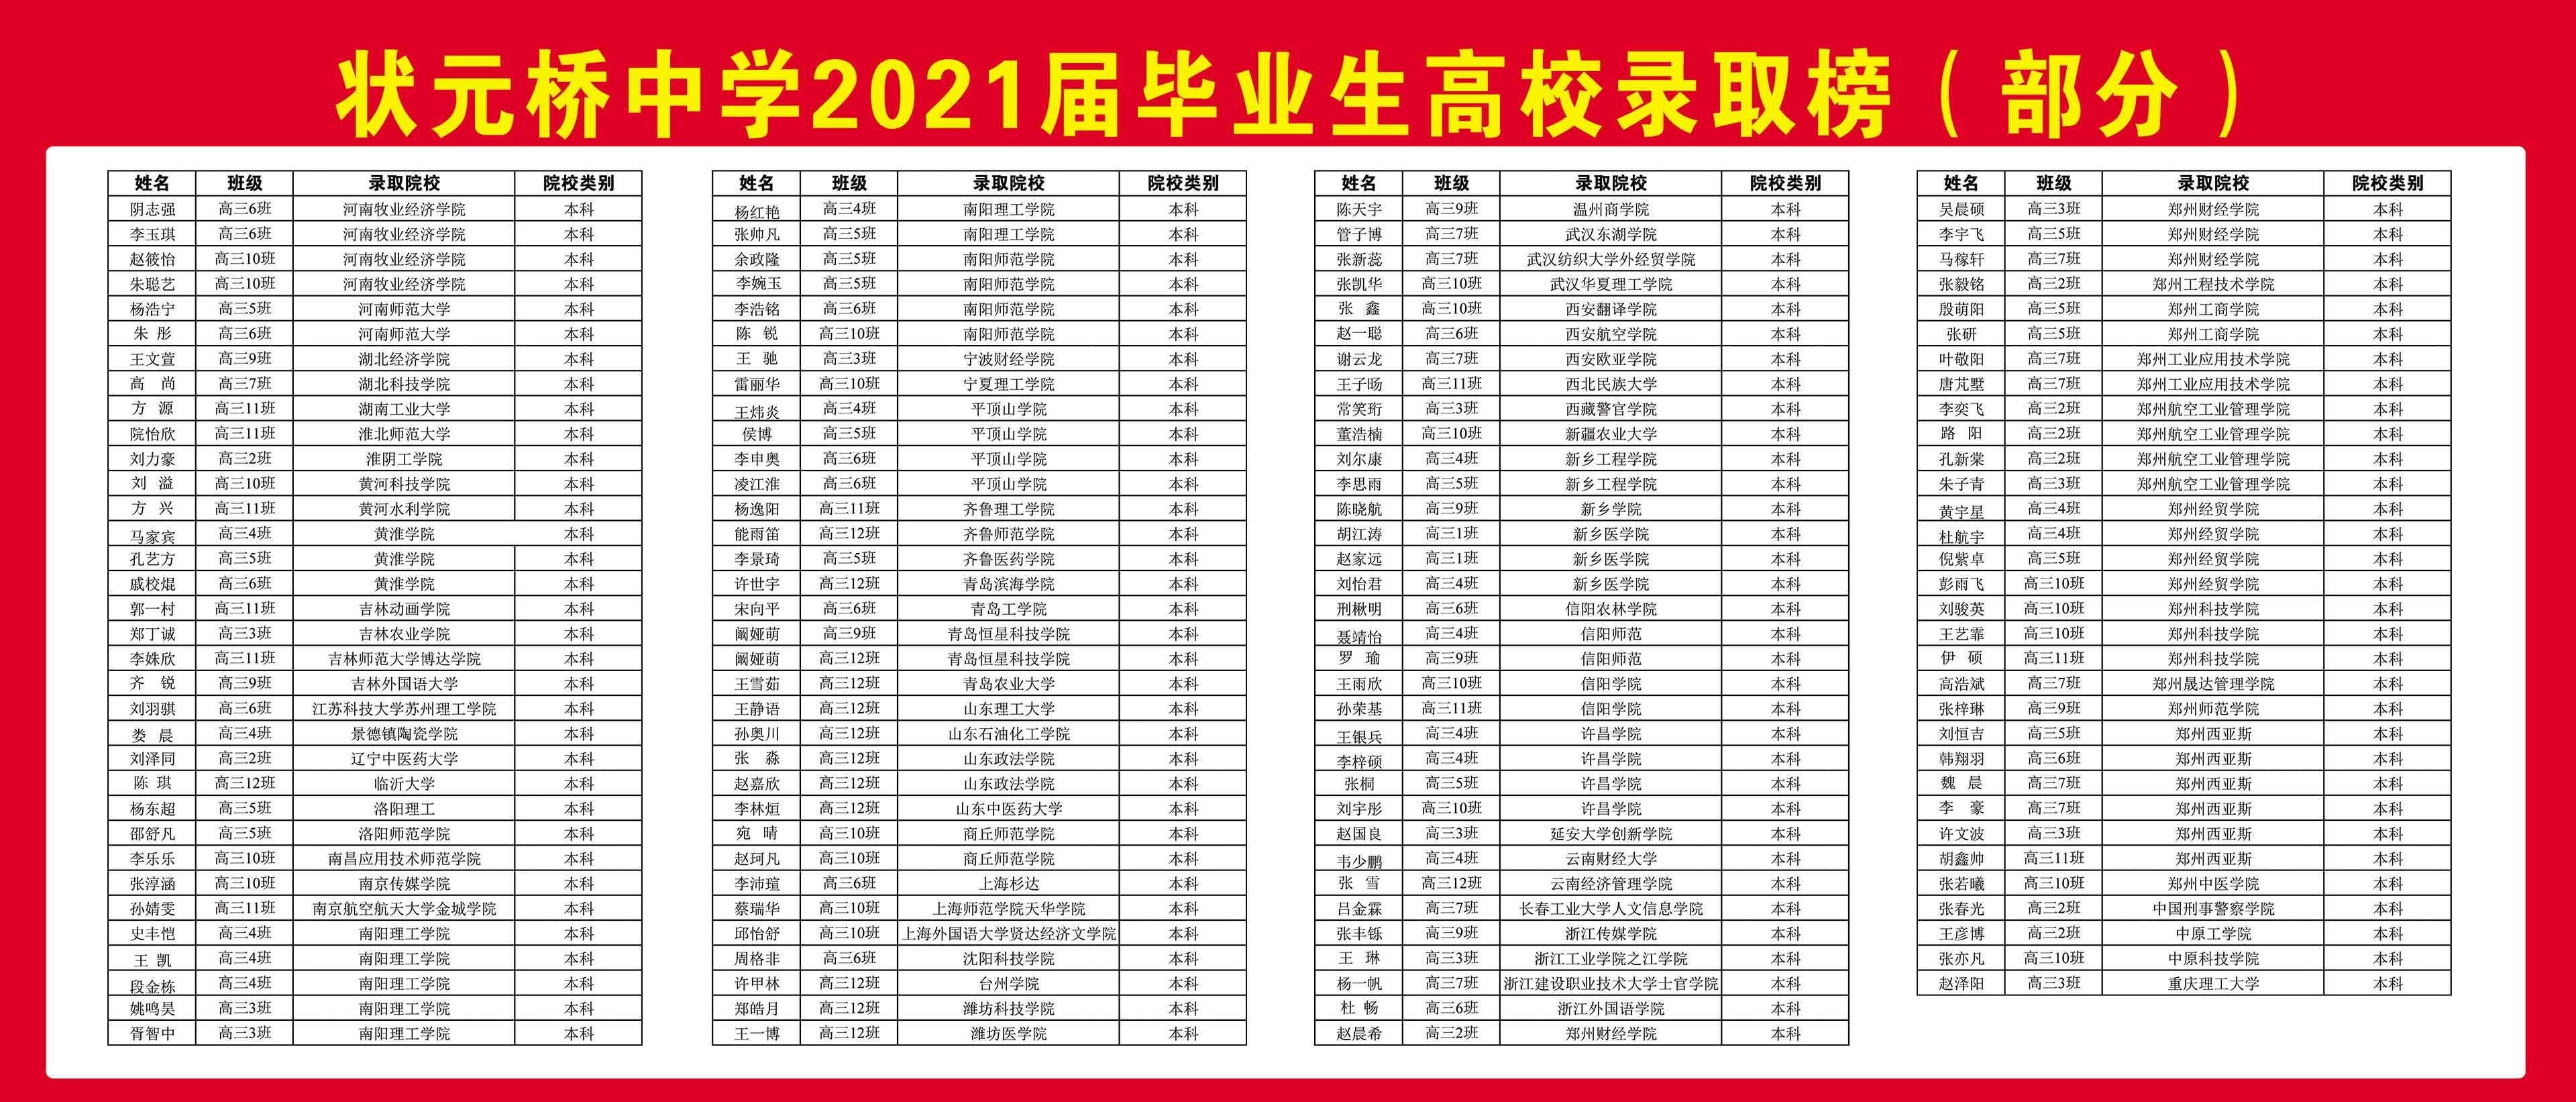 2021高校录取榜(部分)2.jpg